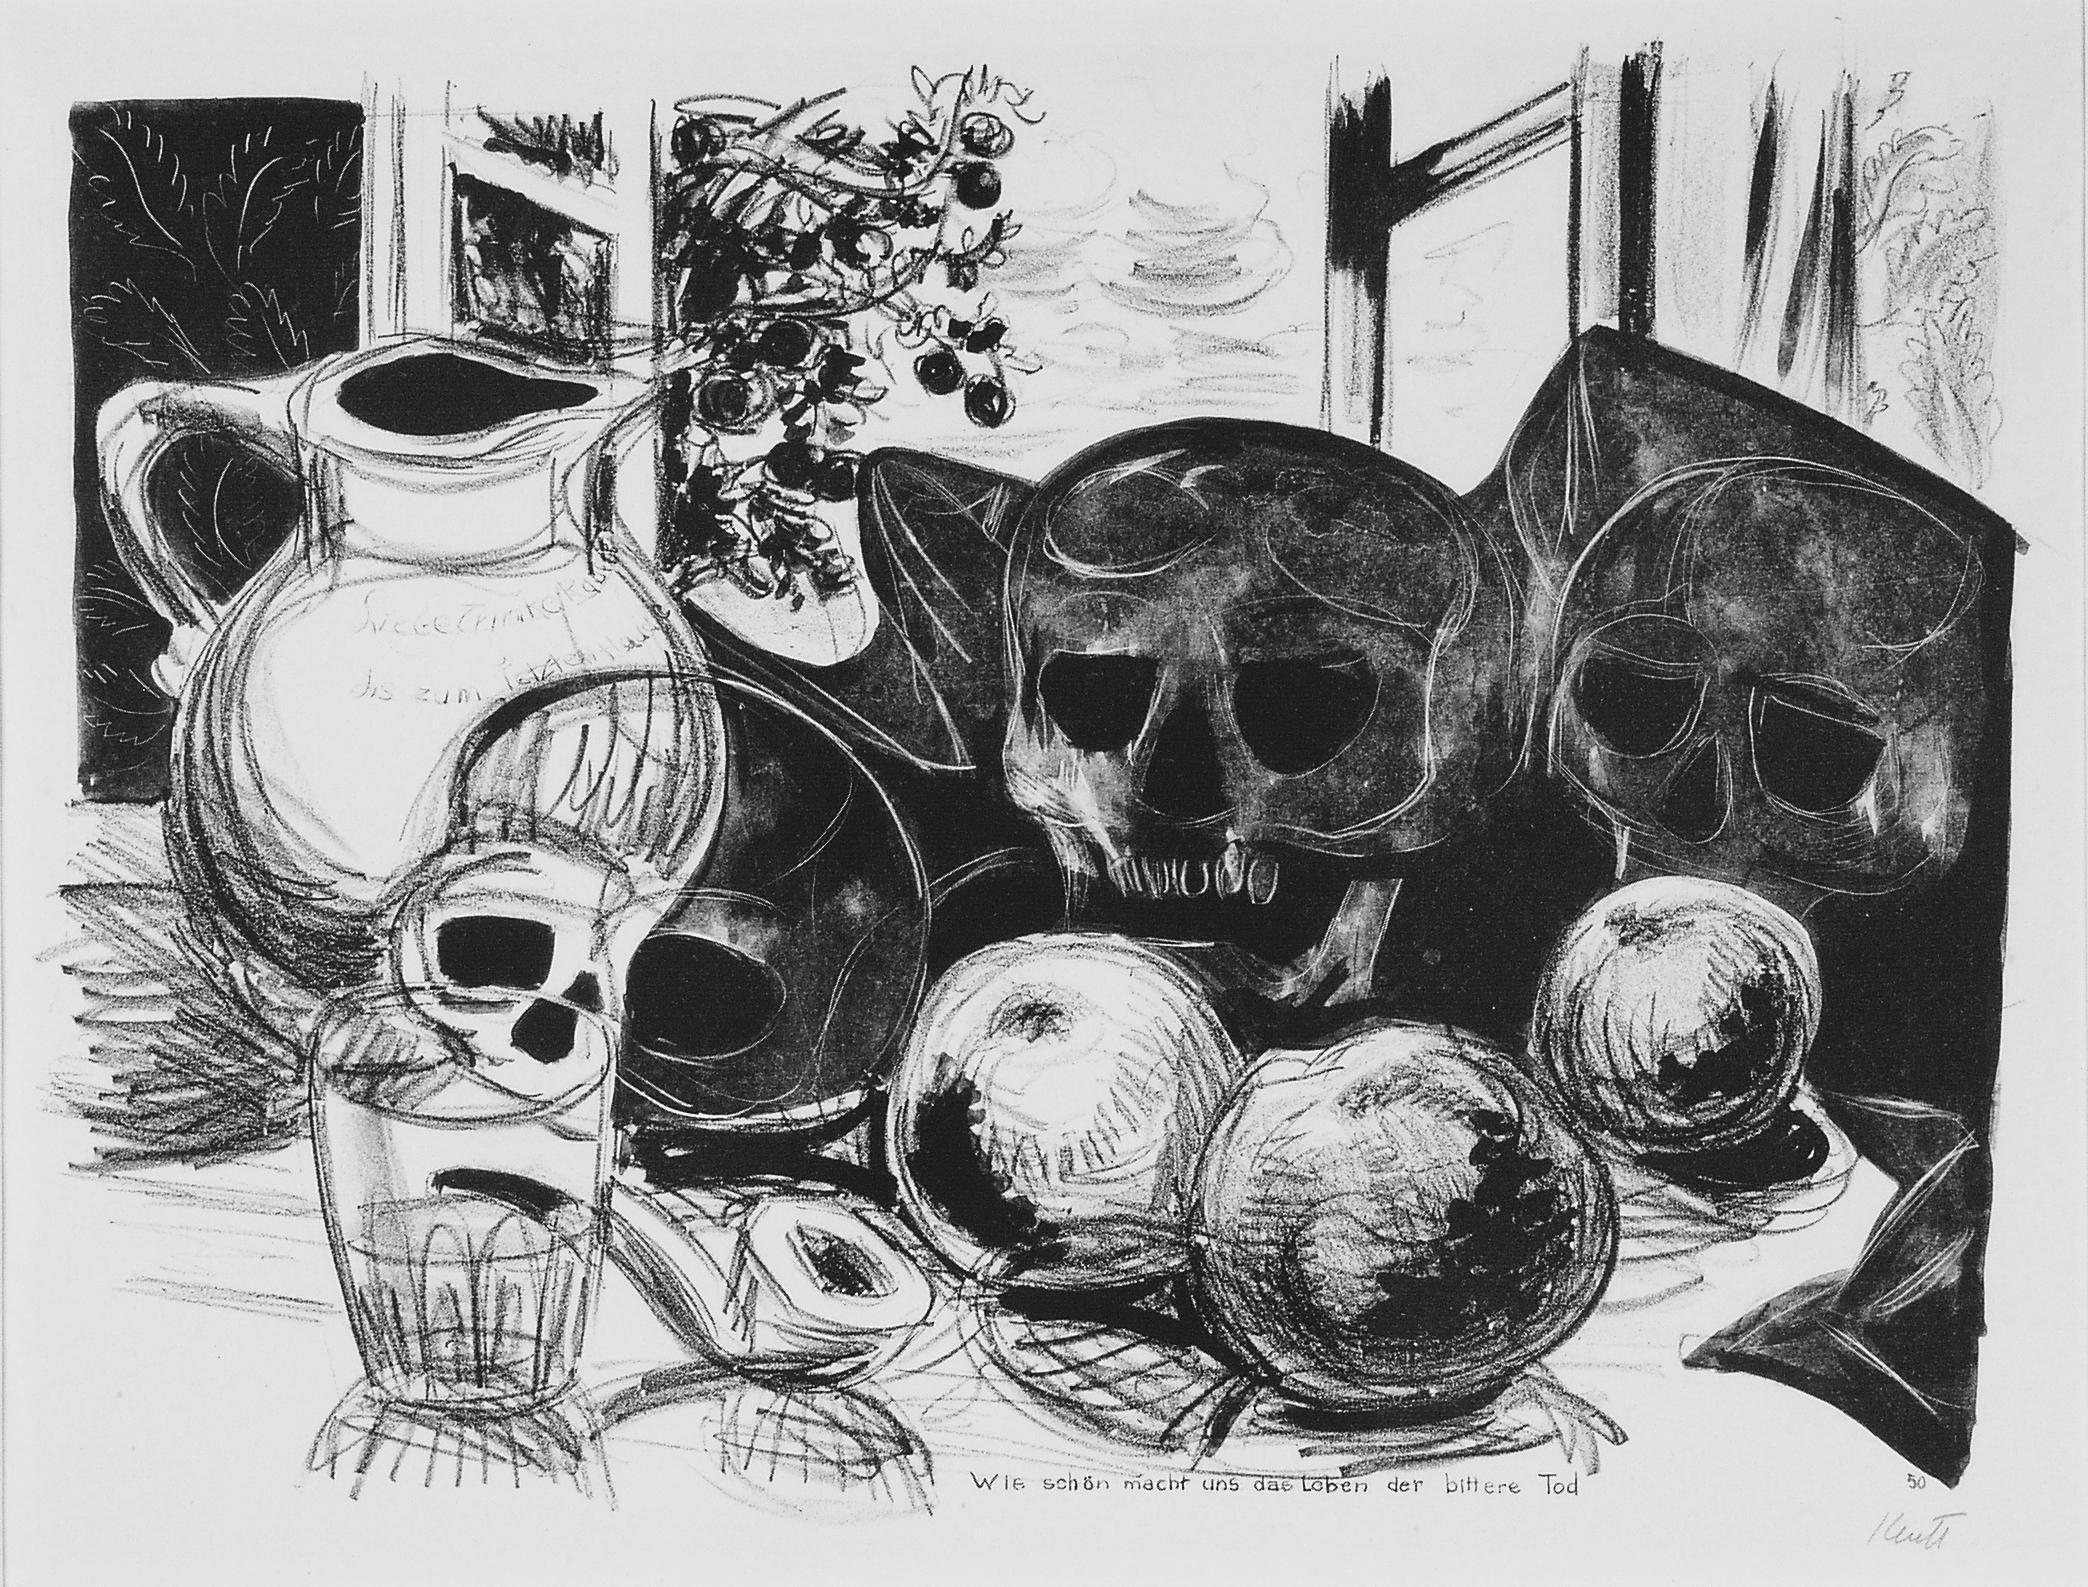 Karl Kluth, Wie schön macht uns das Leben der bittere Tod, 1950, Lithografie, 34 x 46 cm